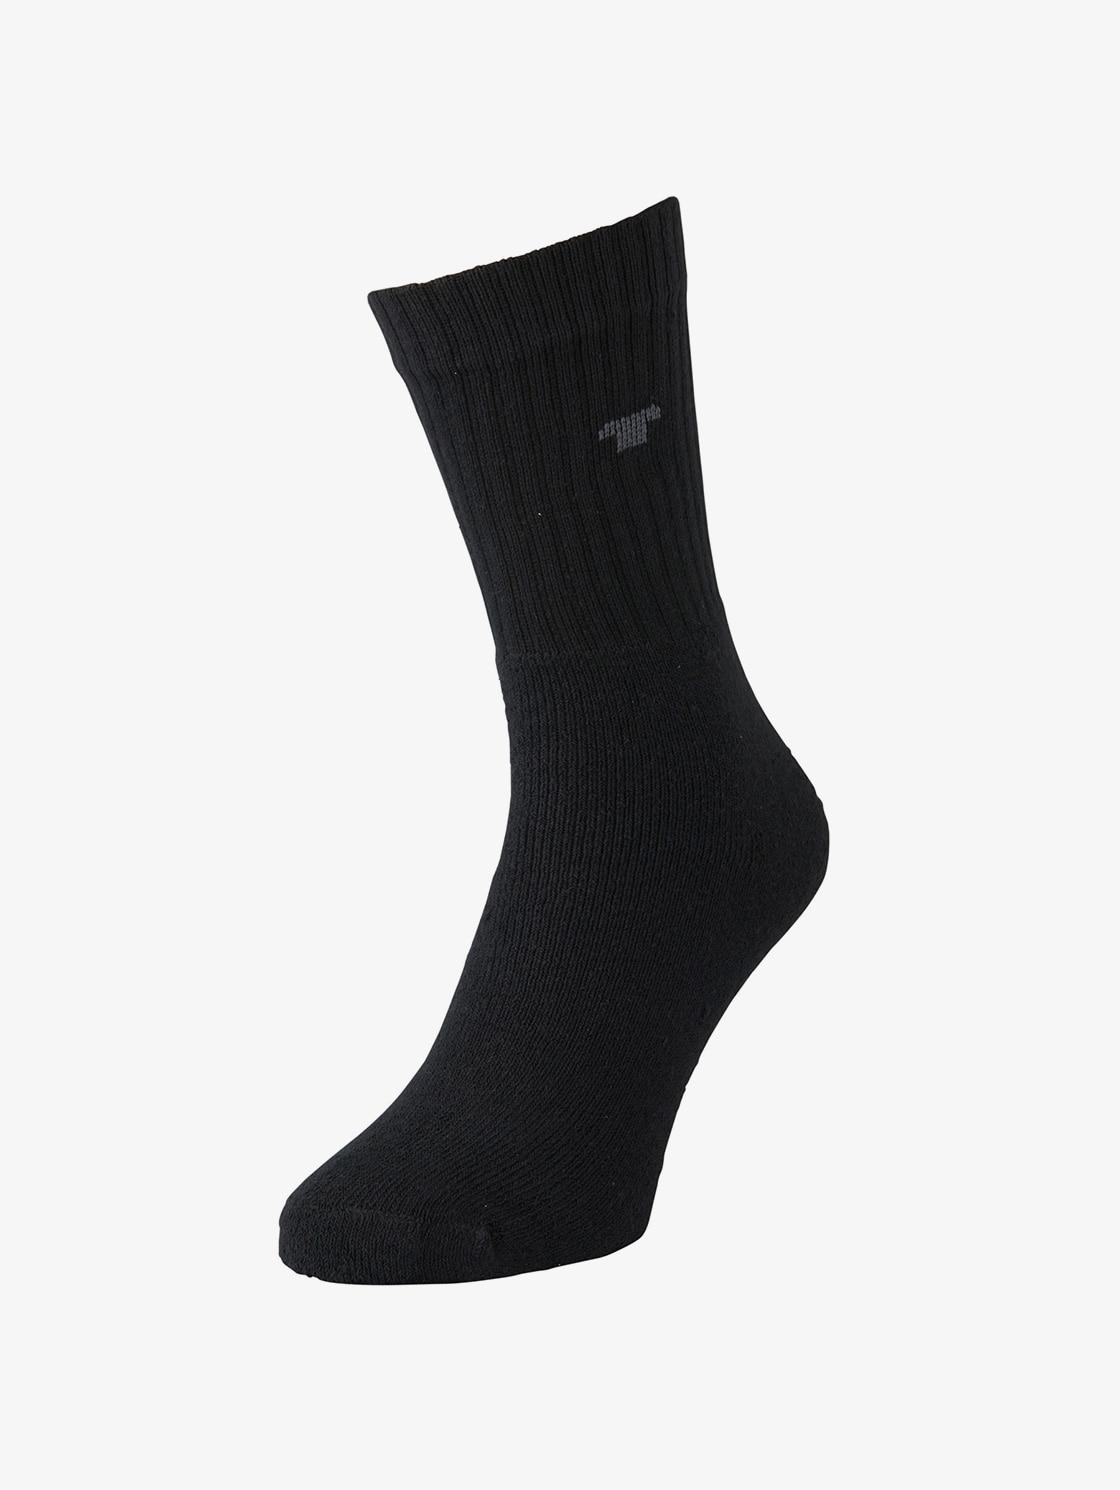 Tom Tailor Tennis Socken im Dreierpack, Herren, black, Größe: 35 38